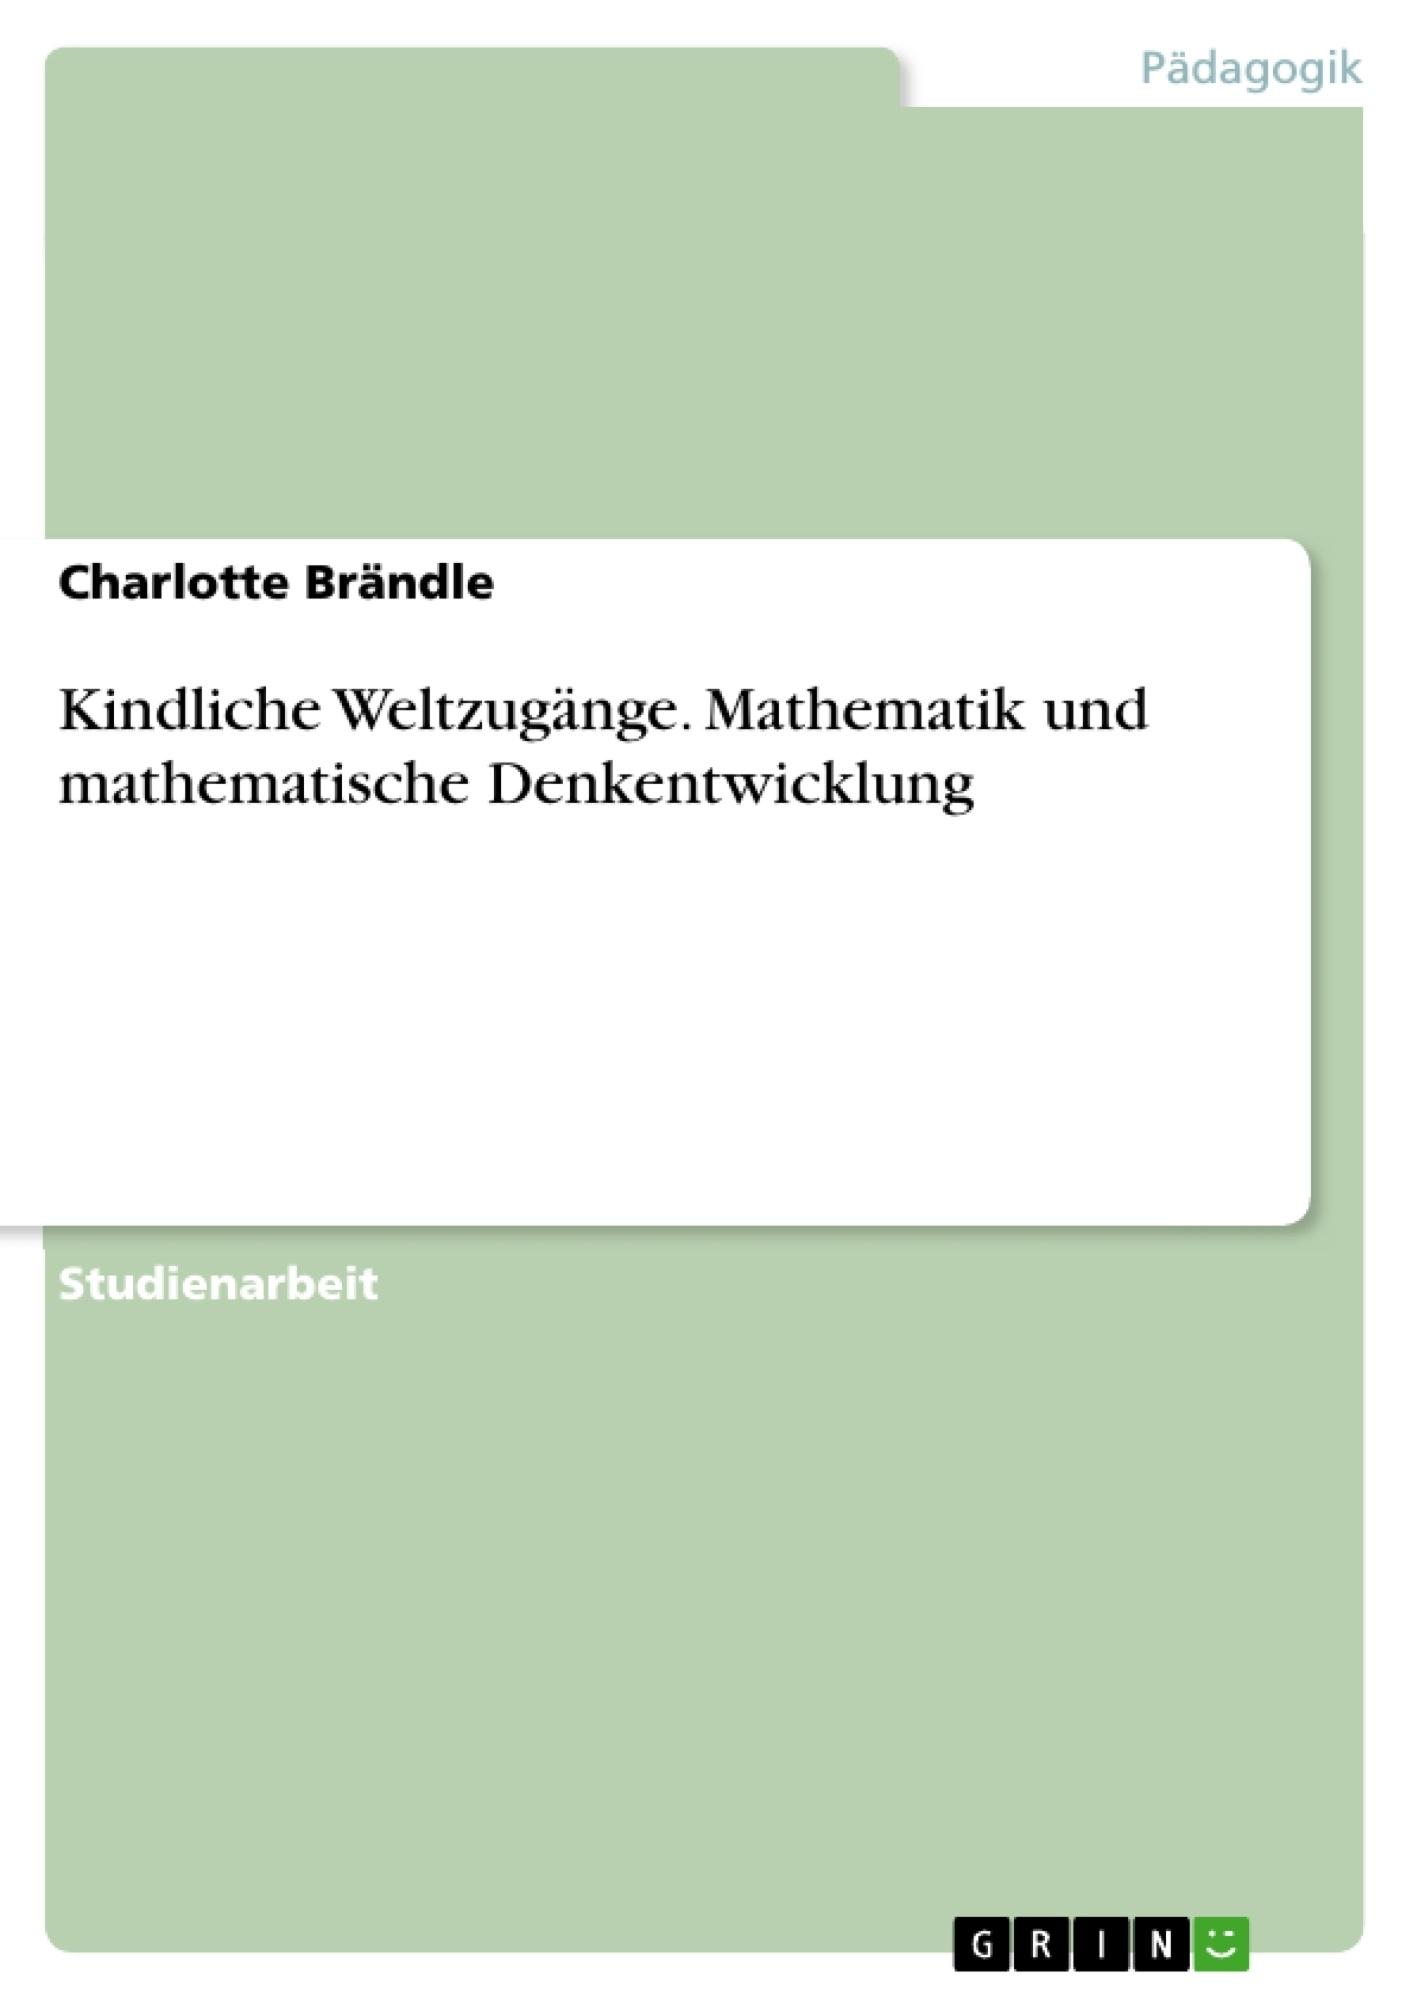 Titel: Kindliche Weltzugänge.  Mathematik und mathematische Denkentwicklung